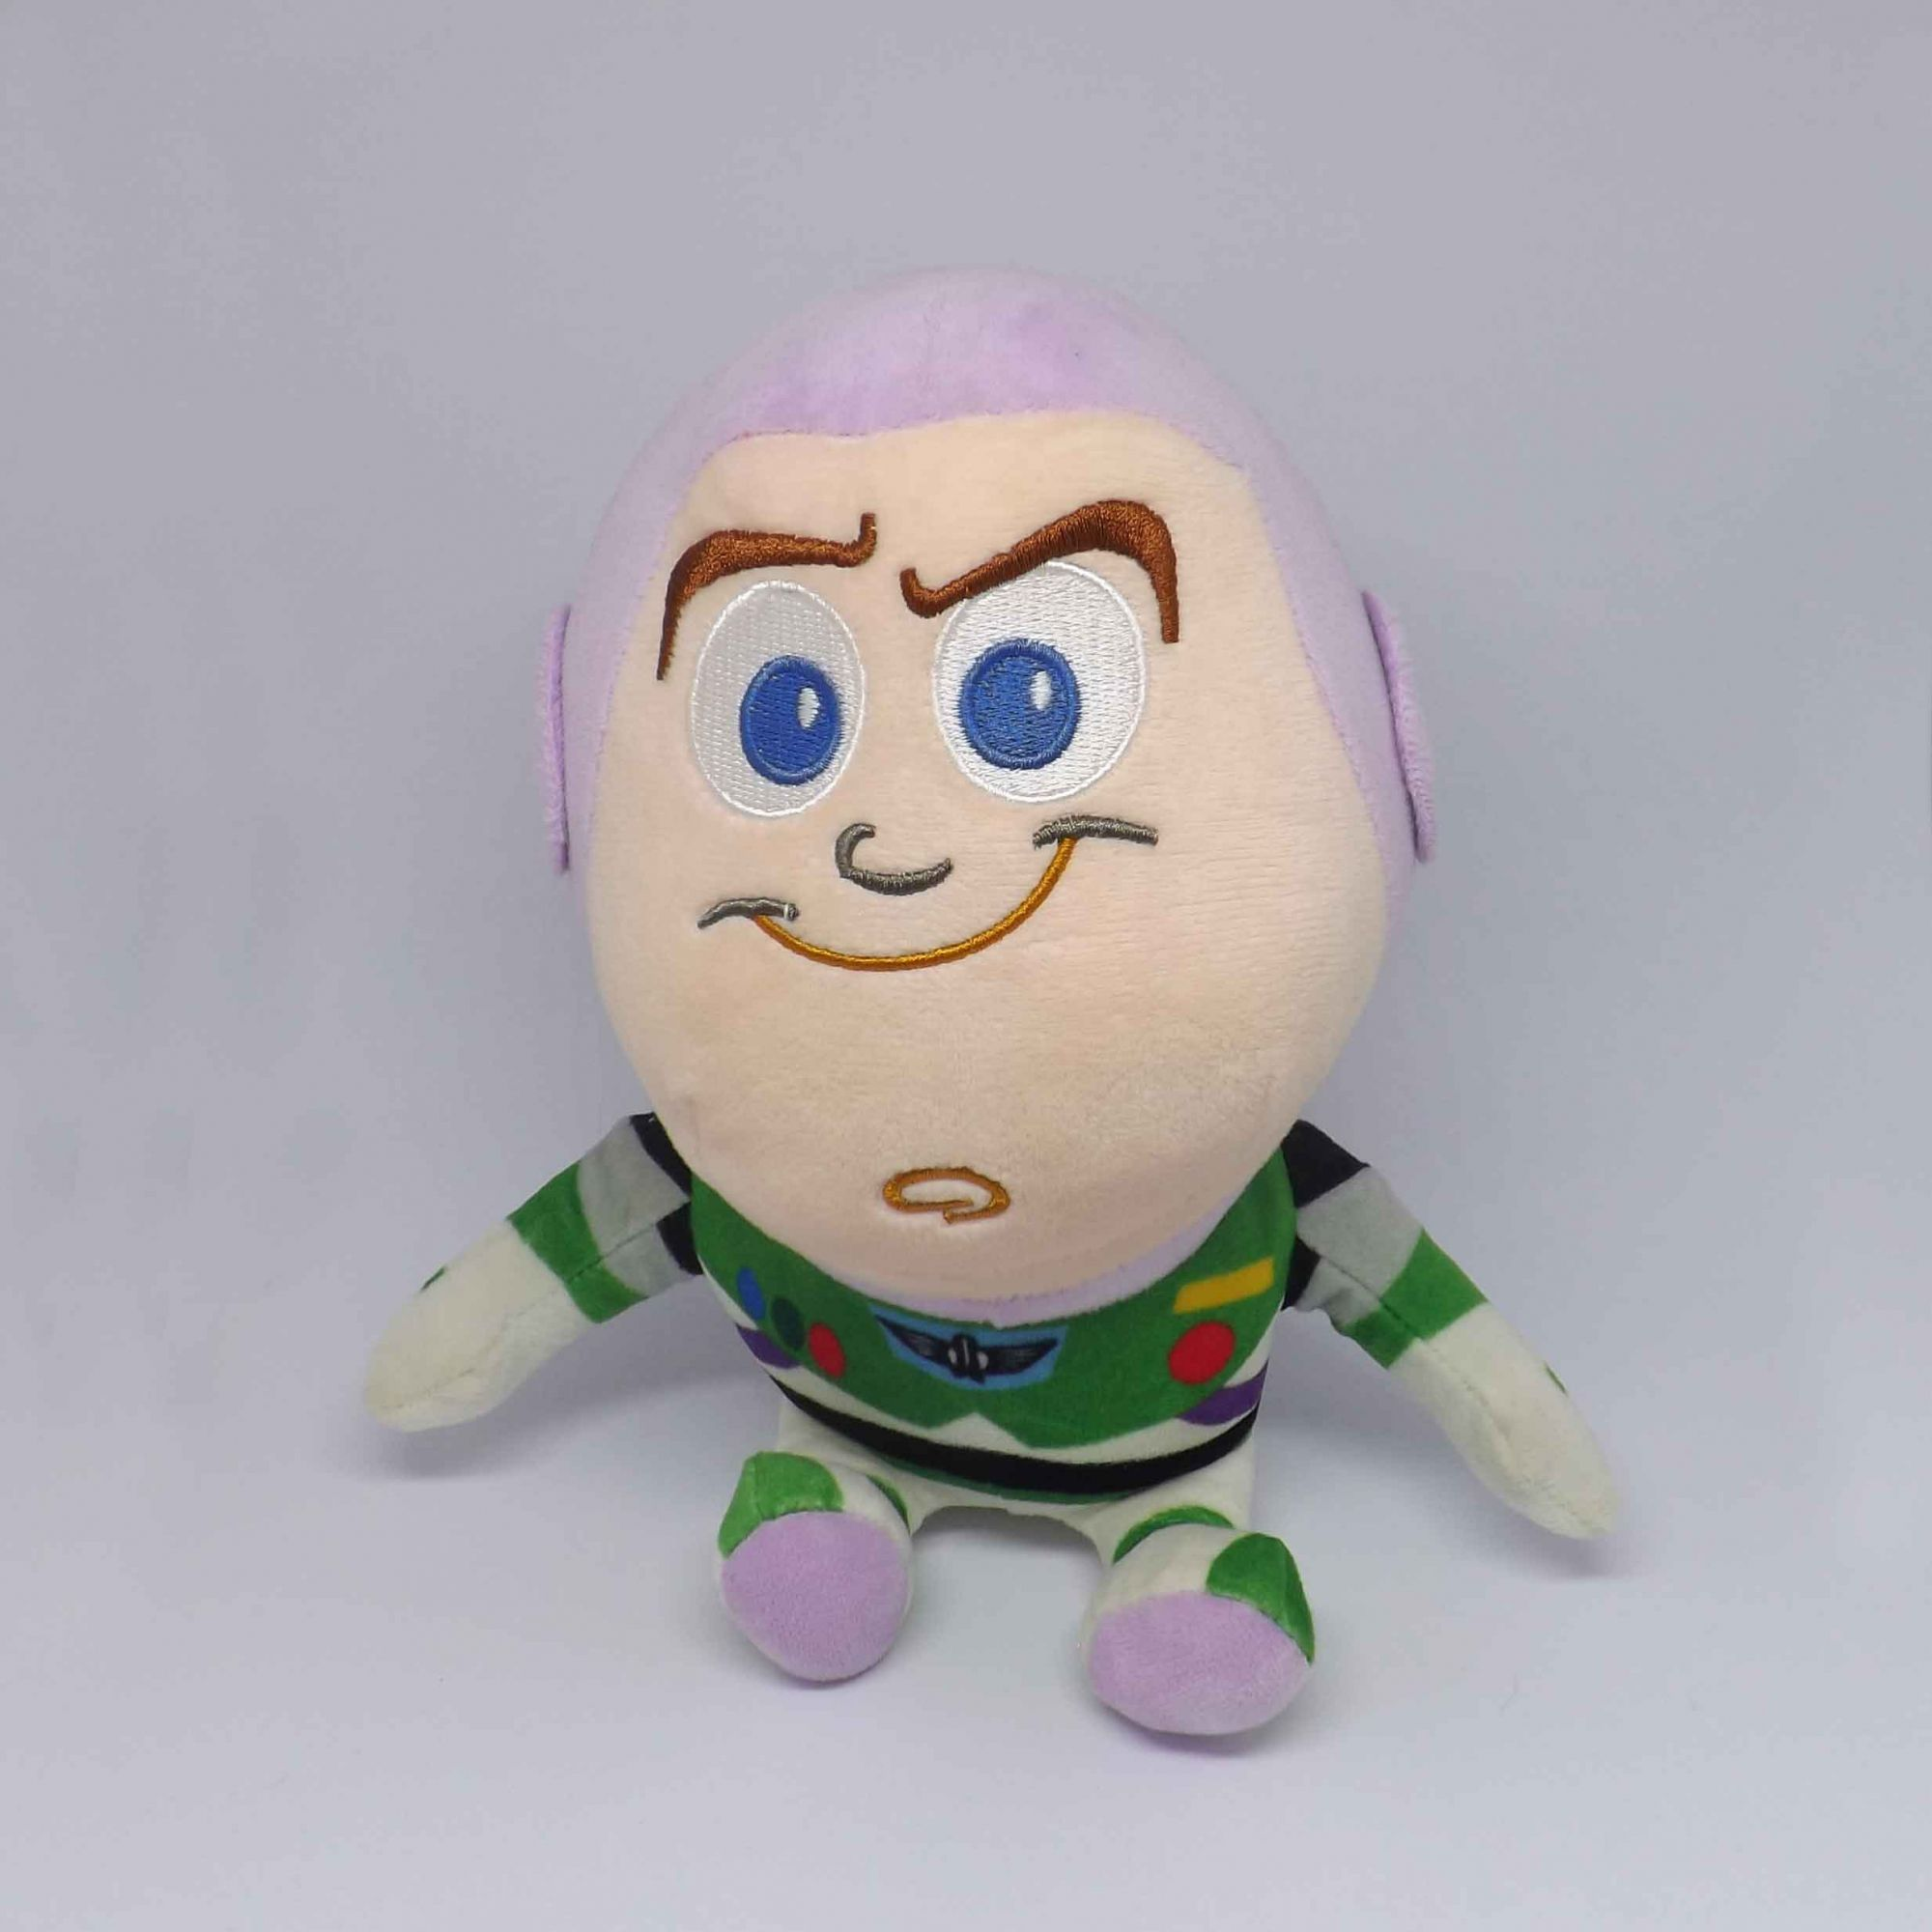 Pelúcia Toy Story - Buzz Lightyear